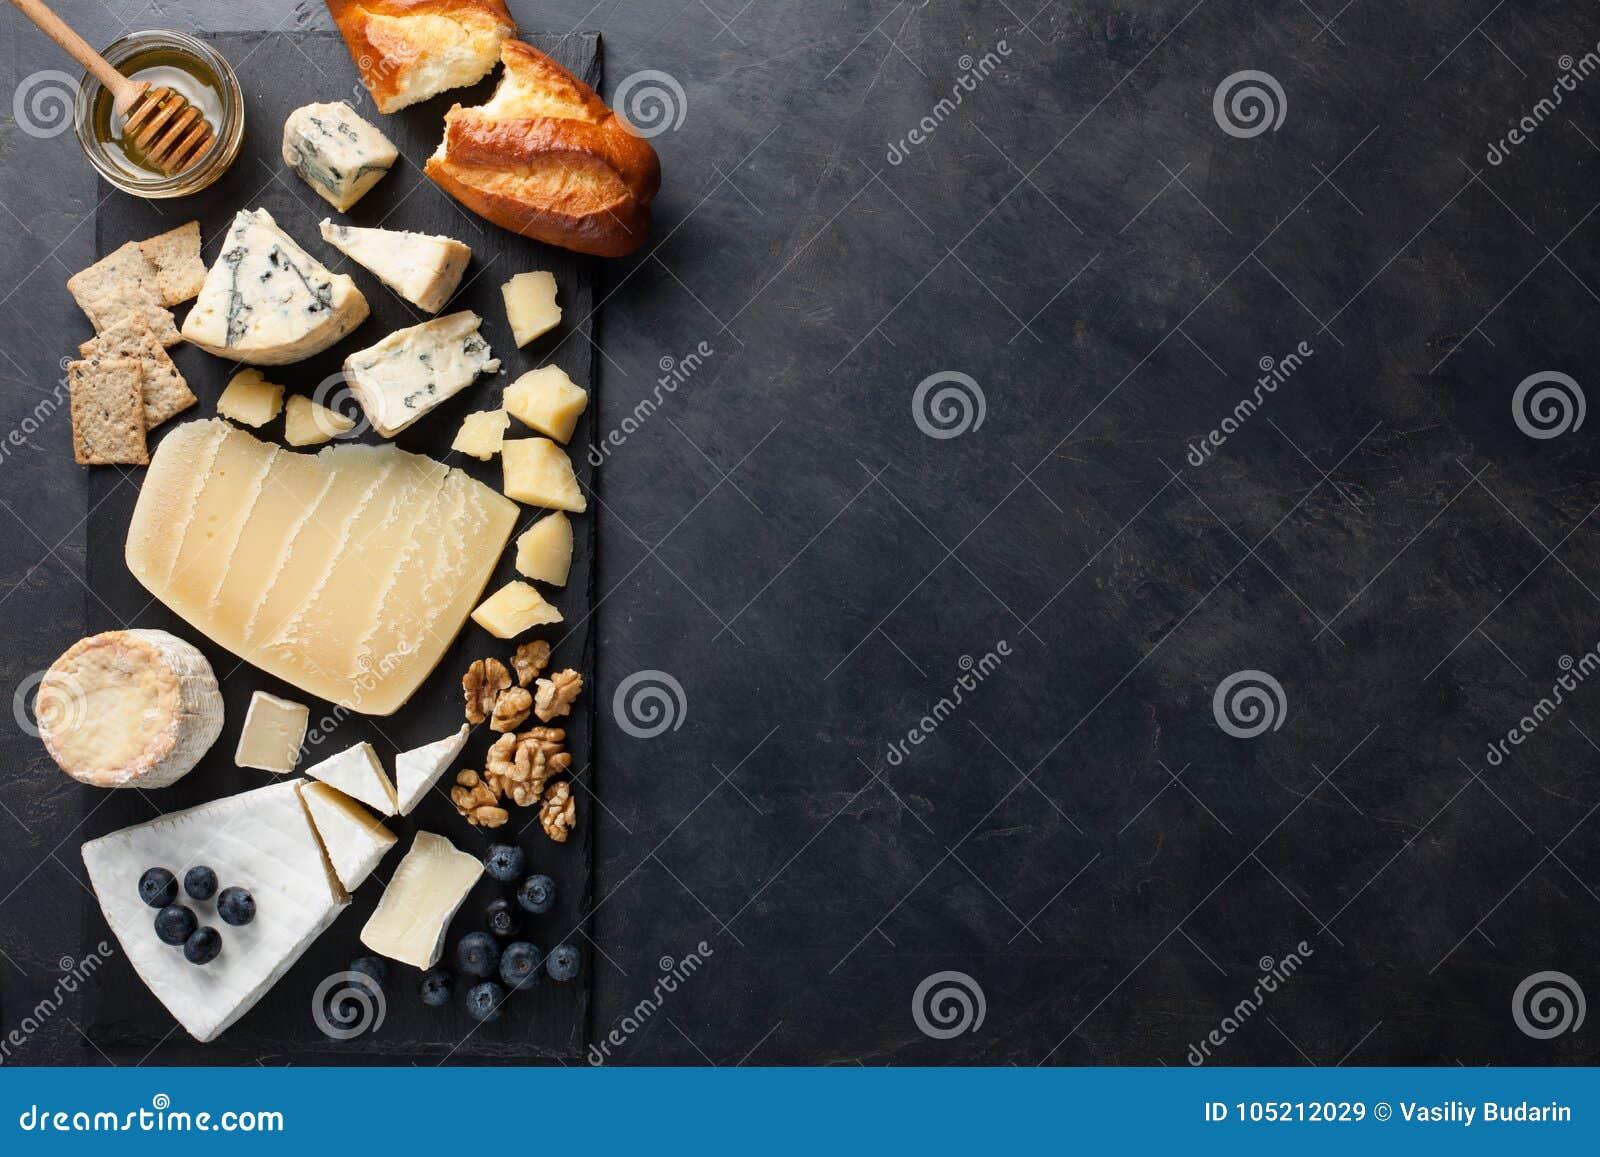 Δοκιμάζοντας πιάτο τυριών σε ένα σκοτεινό πιάτο πετρών Τρόφιμα για το κρασί και ρομαντική ημερομηνία, λιχουδιές τυριών σε ένα μαύ